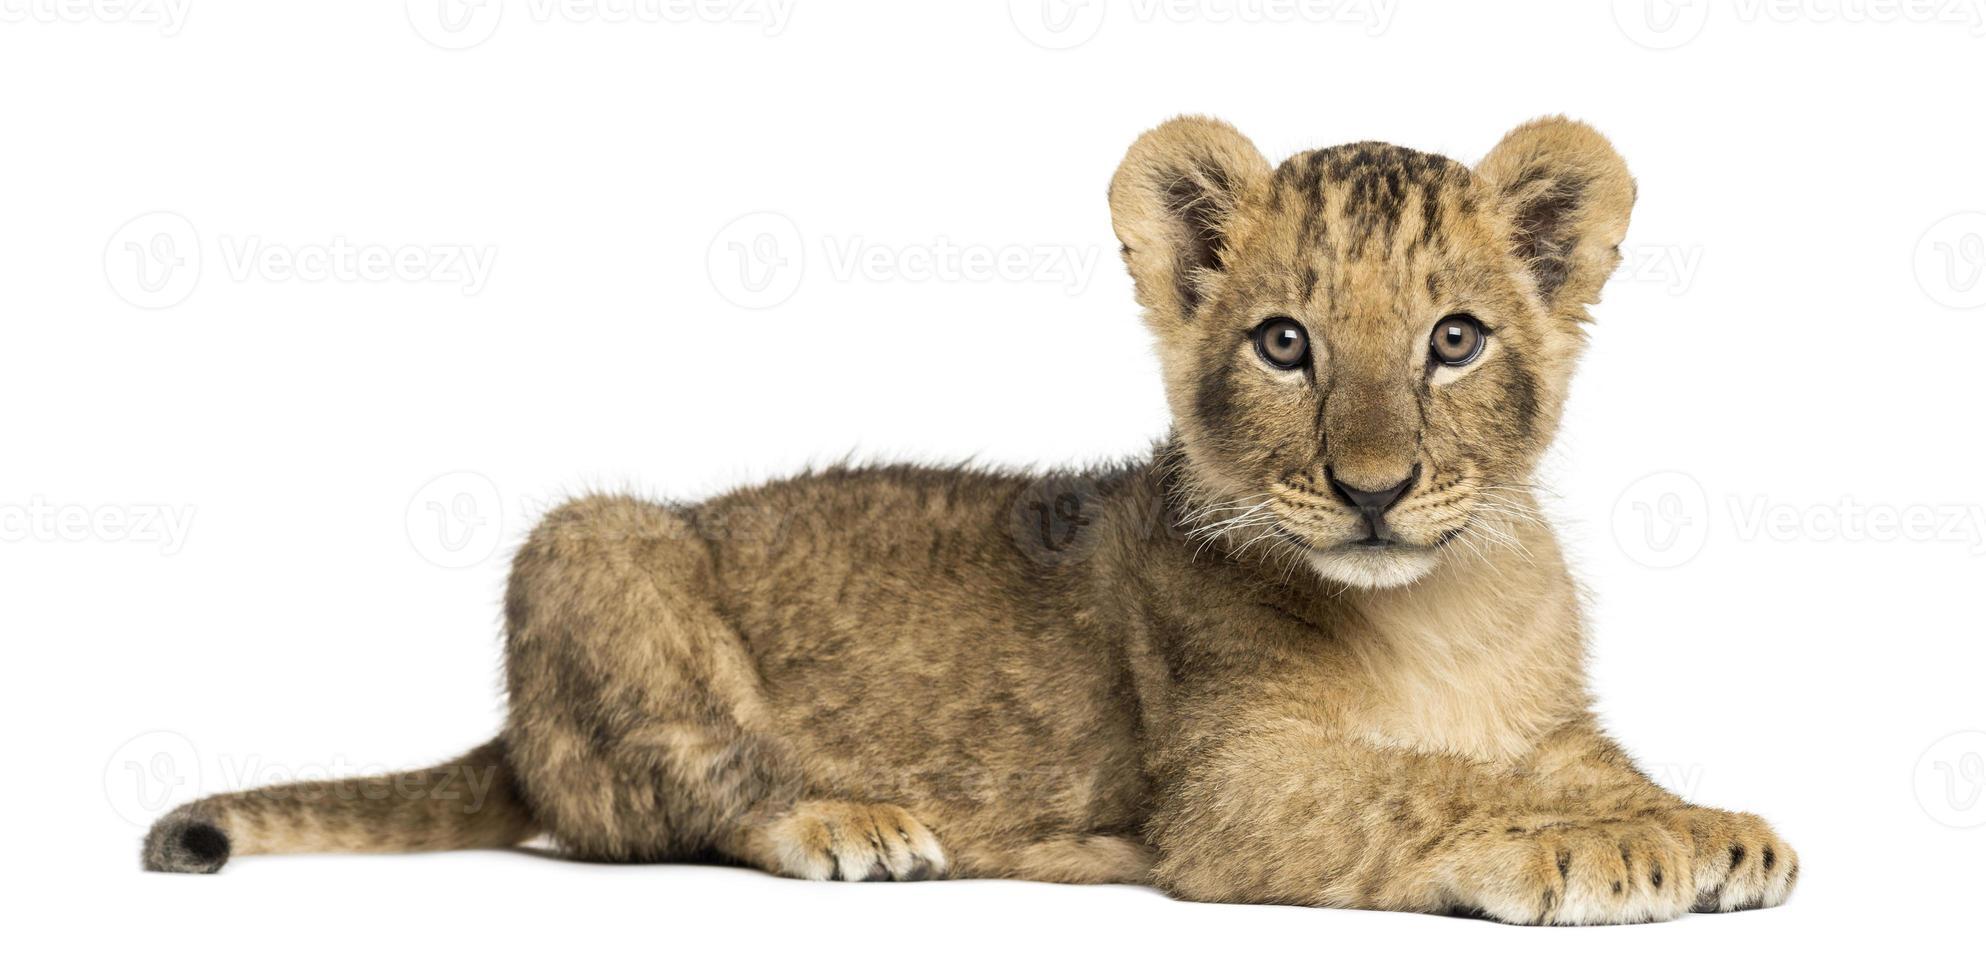 vista lateral del cachorro de león acostado, mirando a la cámara foto